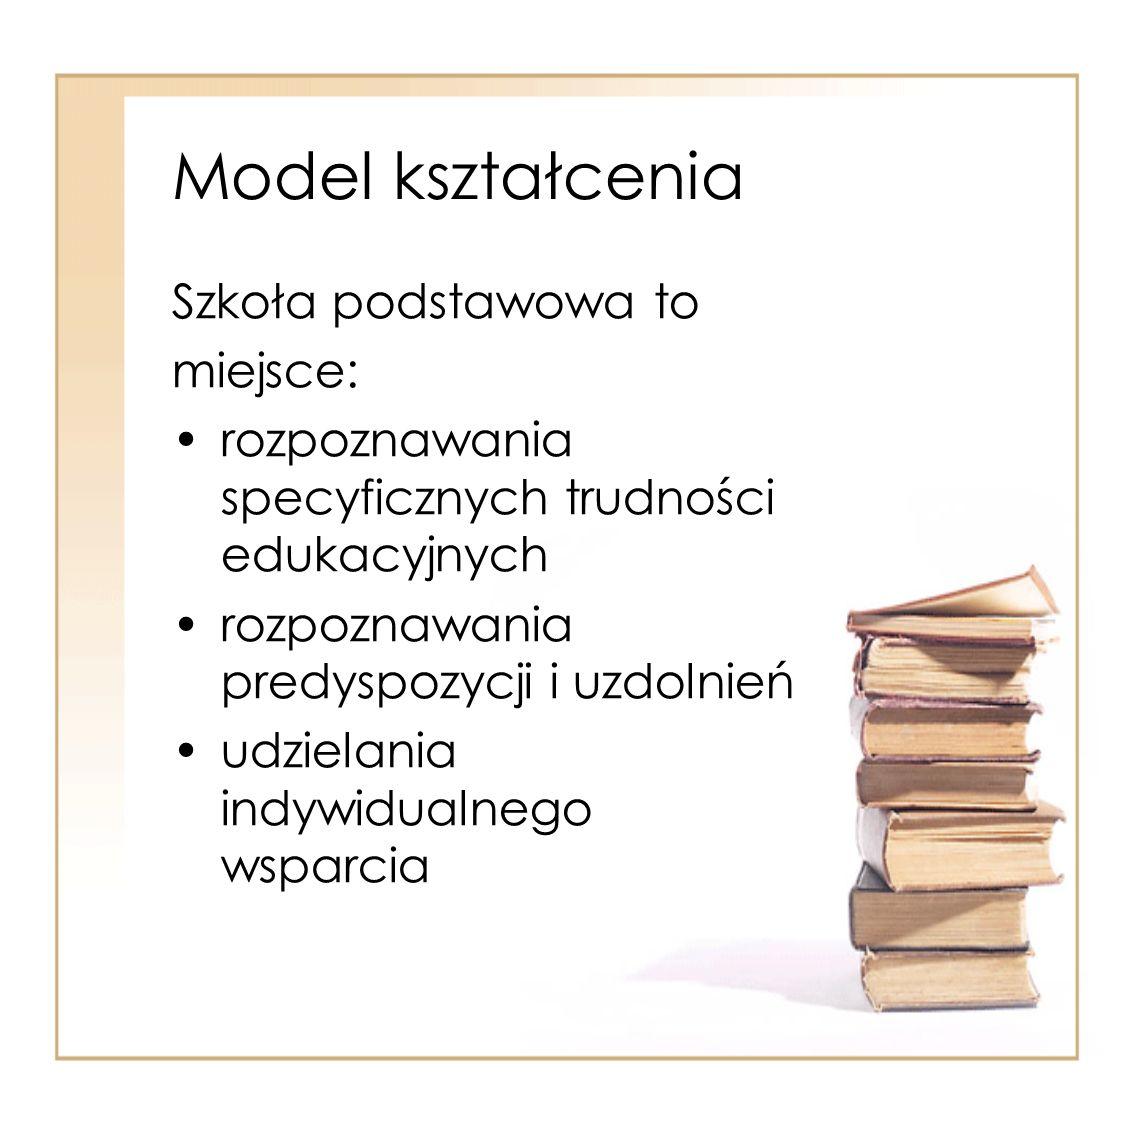 Diagnoza pedagogiczna Ma na celu,za pomocą metod i narzędzi pomiaru pedagogicznego określenie warunków, przebiegu oraz wyników uczenia się – osiągnięć edukacyjnych ucznia (wg B Niemierki)